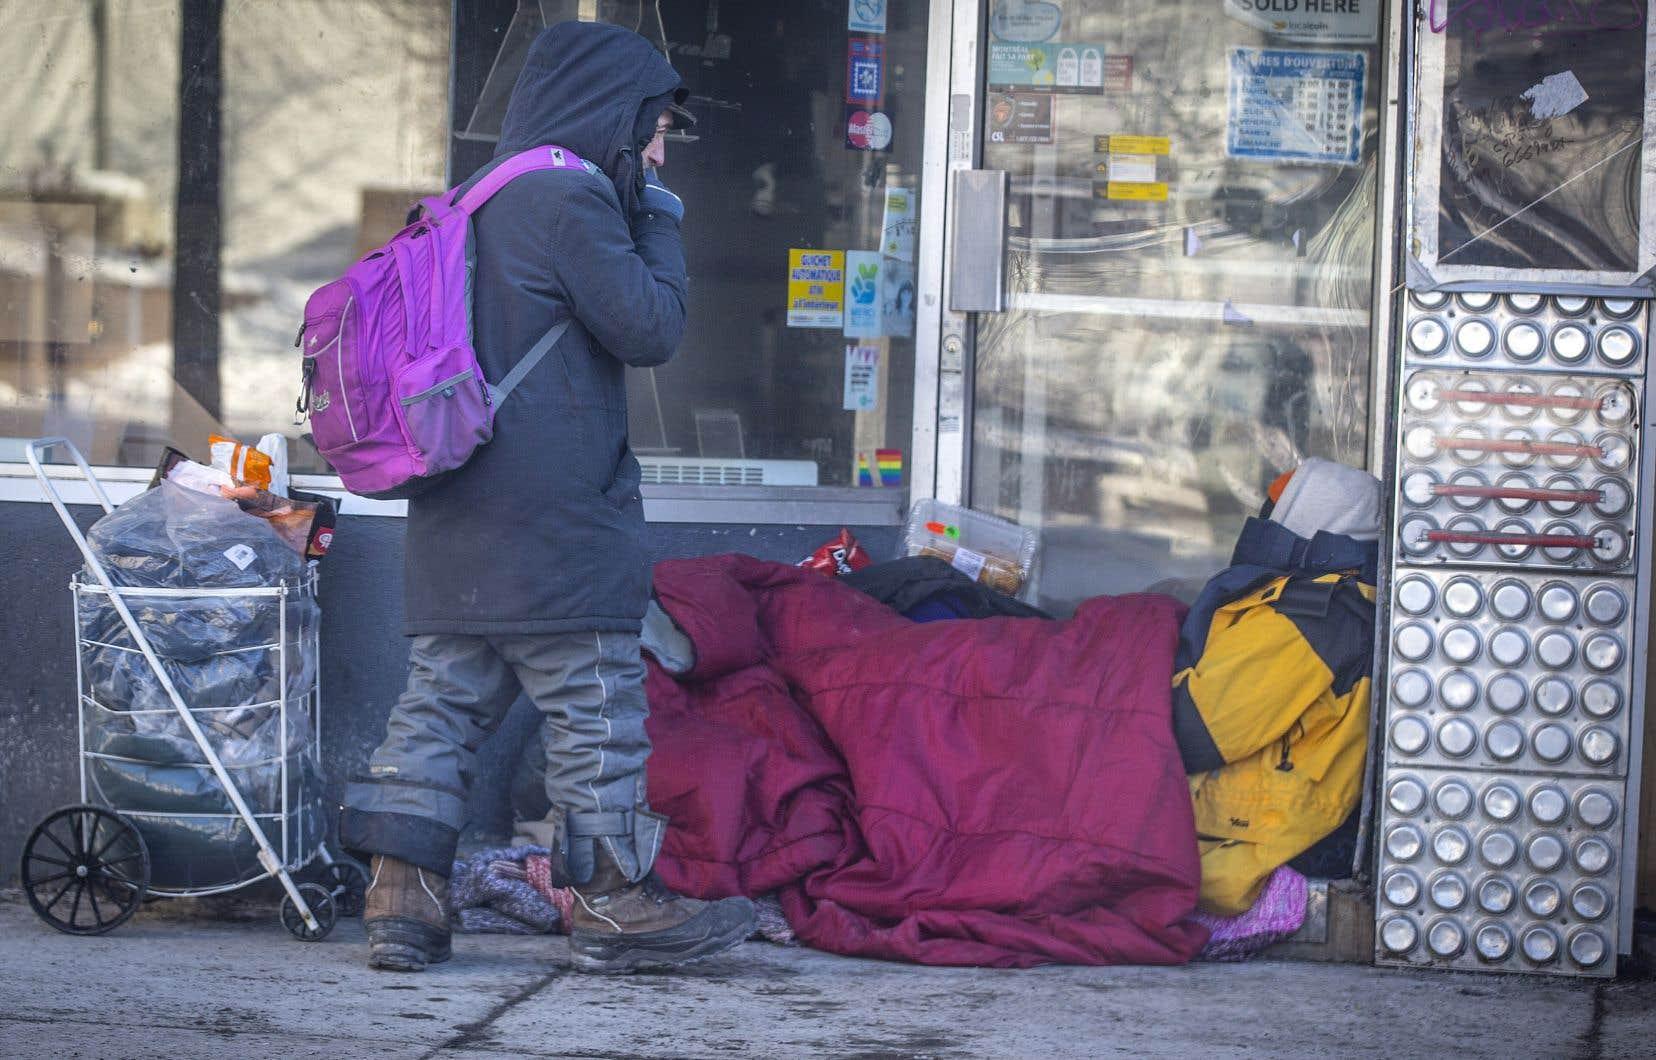 À l'heure actuelle, les refuges connaissent un taux d'occupation d'environ 95%.